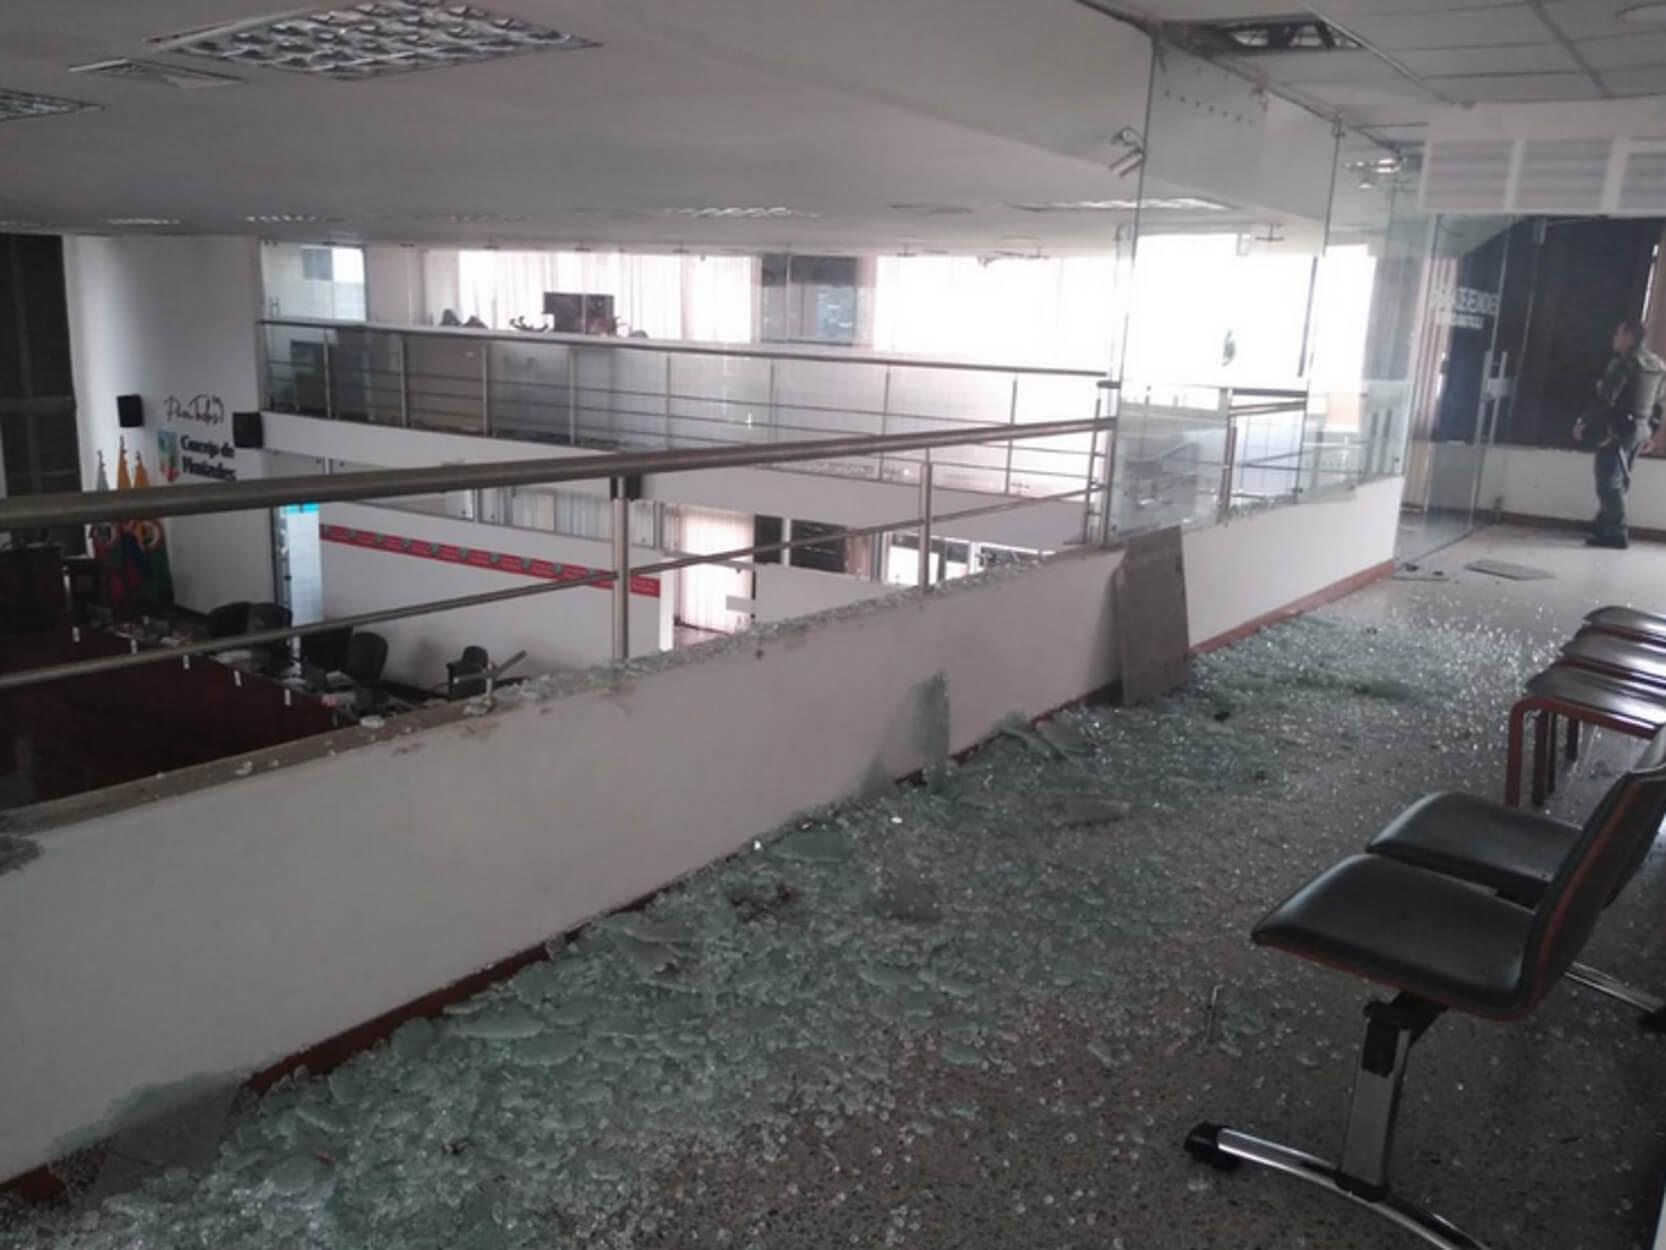 Σεισμός: Ισχυρό χτύπημα του Εγκέλαδου στην Κολομβία – 6,1 Ρίχτερ! video